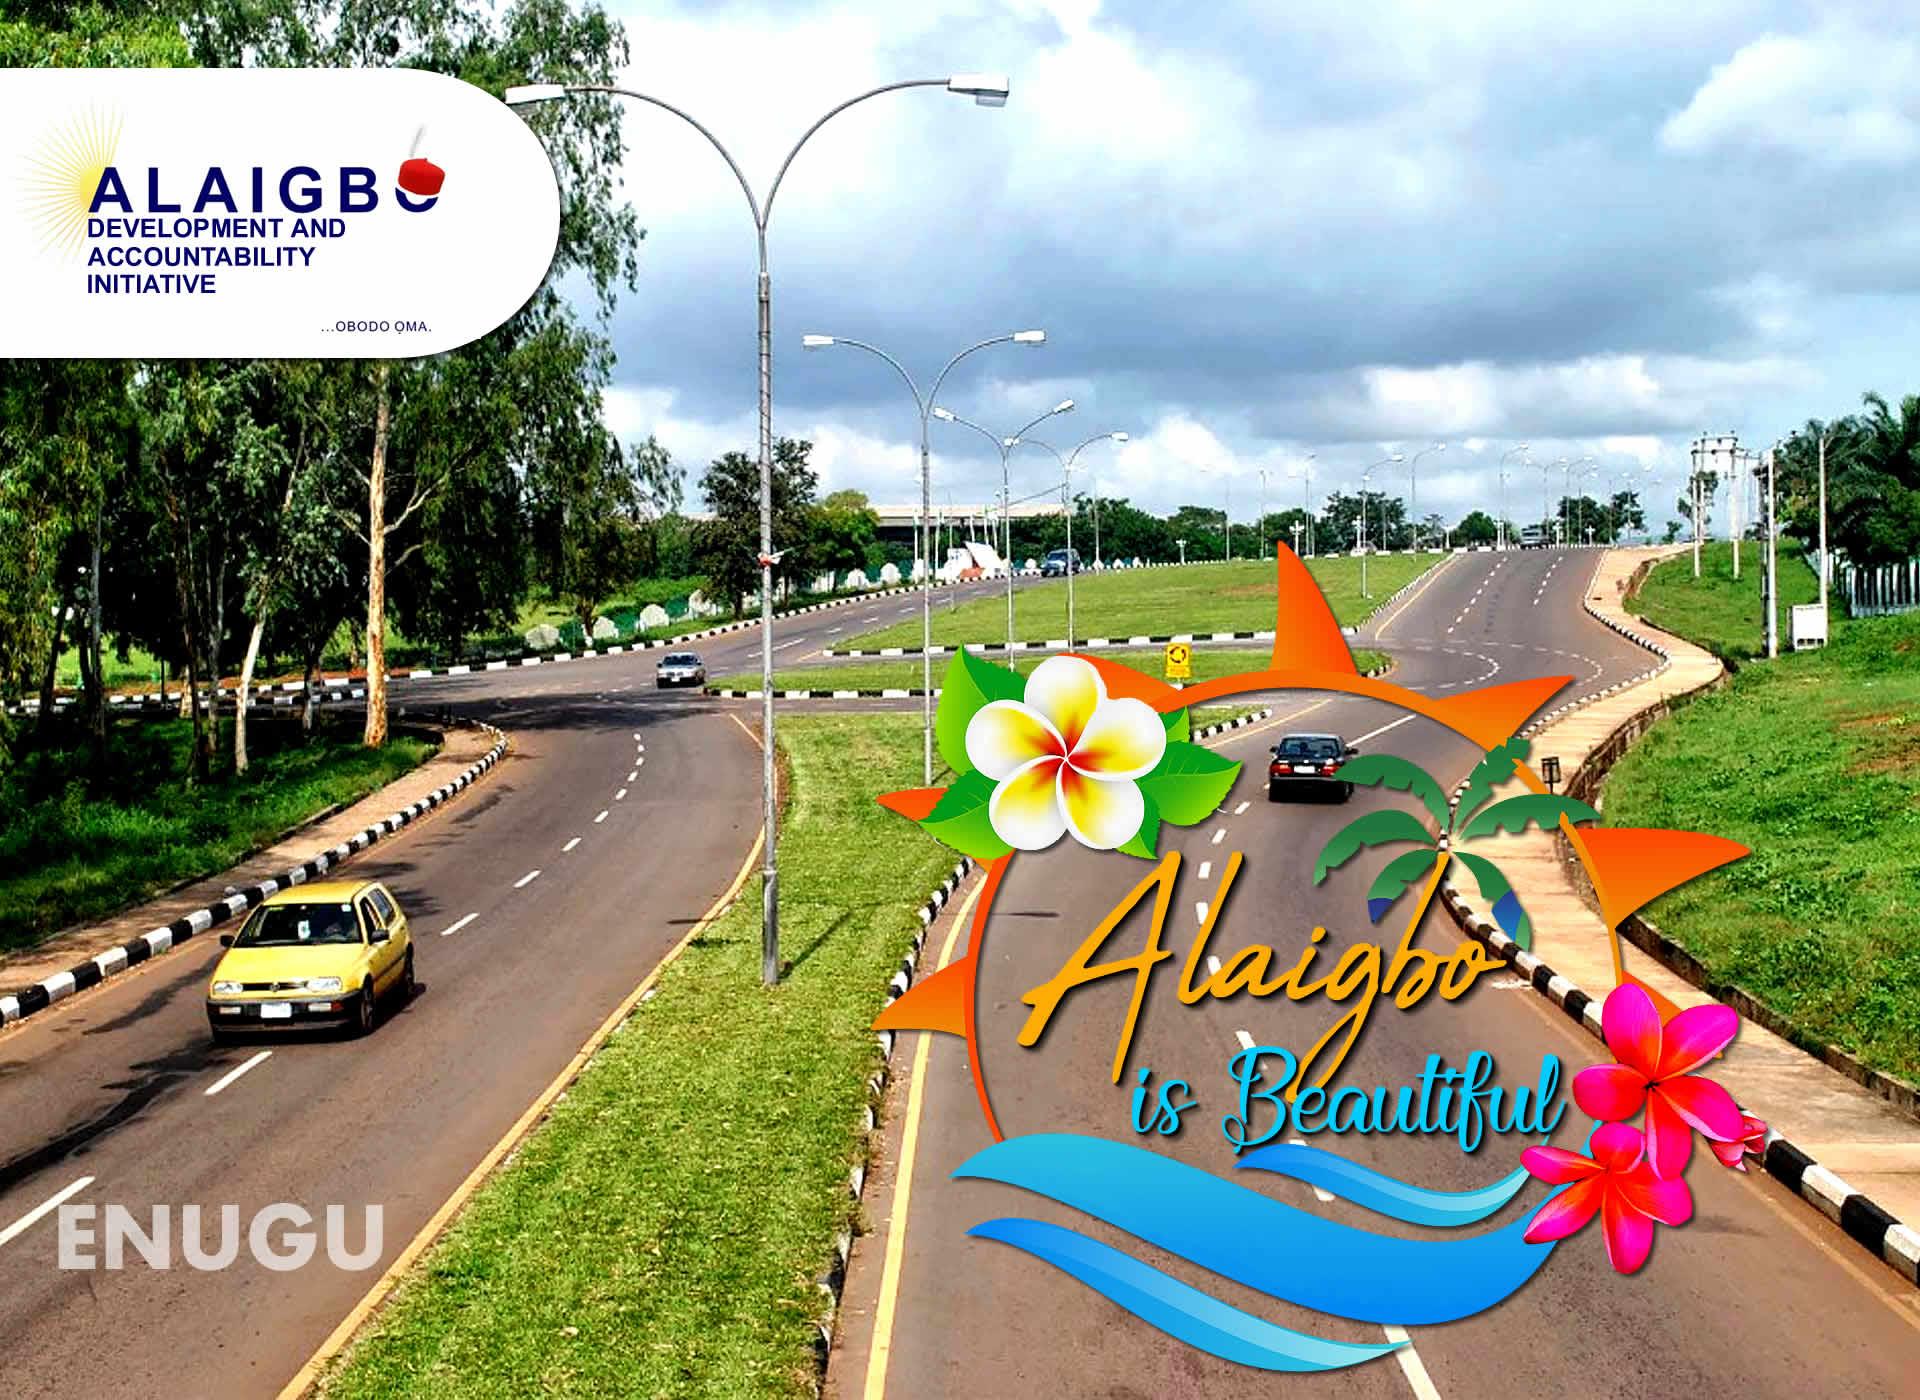 Enugu is beautiful